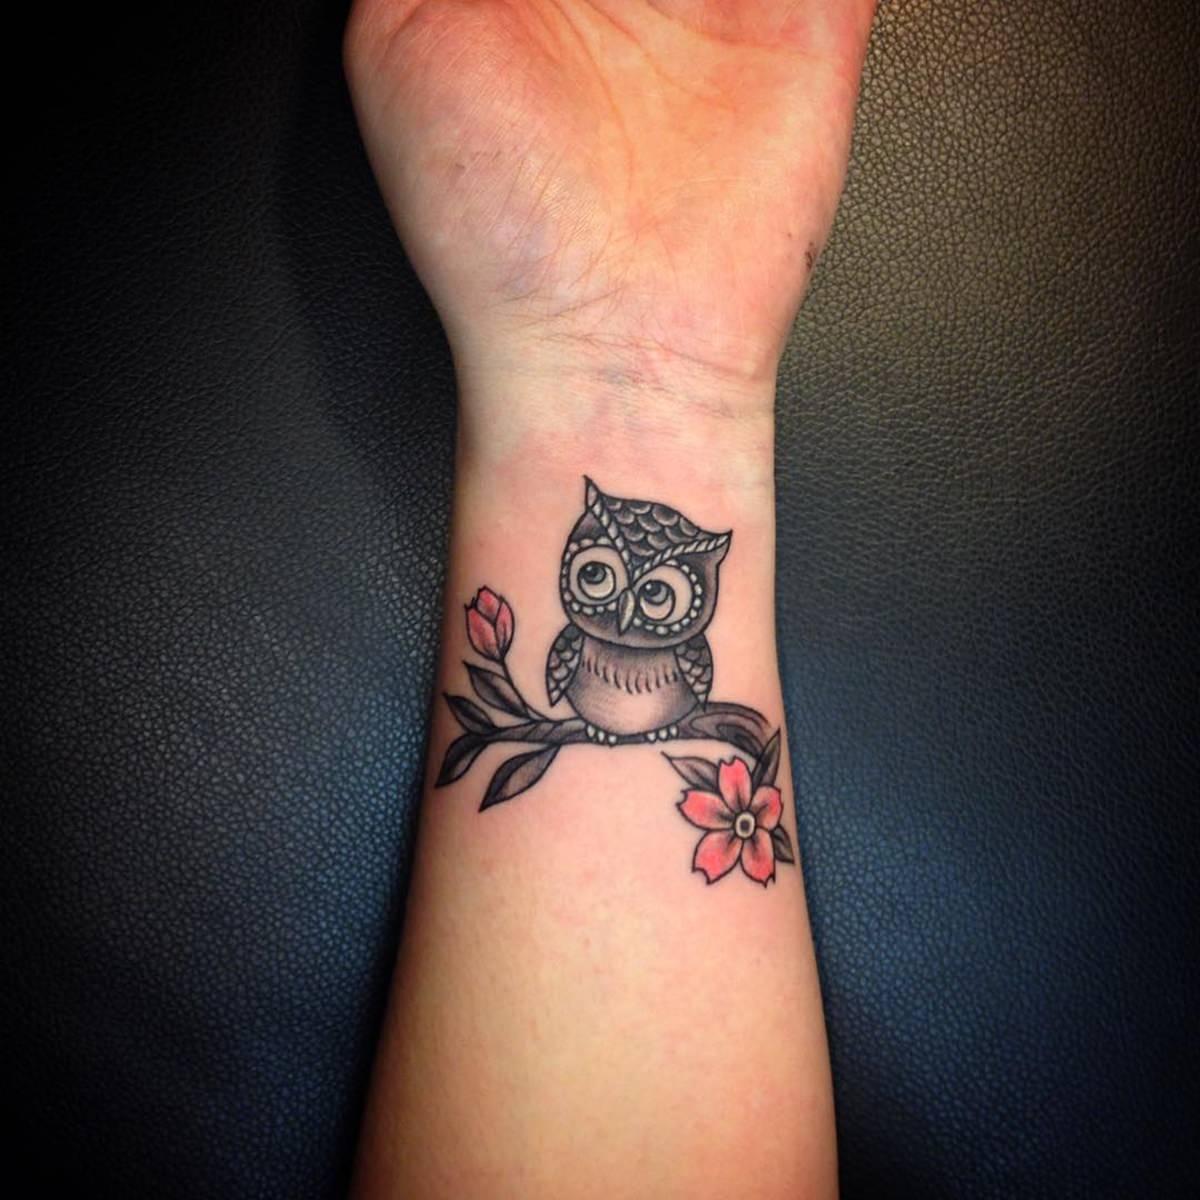 Tatuagem feita no pulso de uma coruja descansando no galho